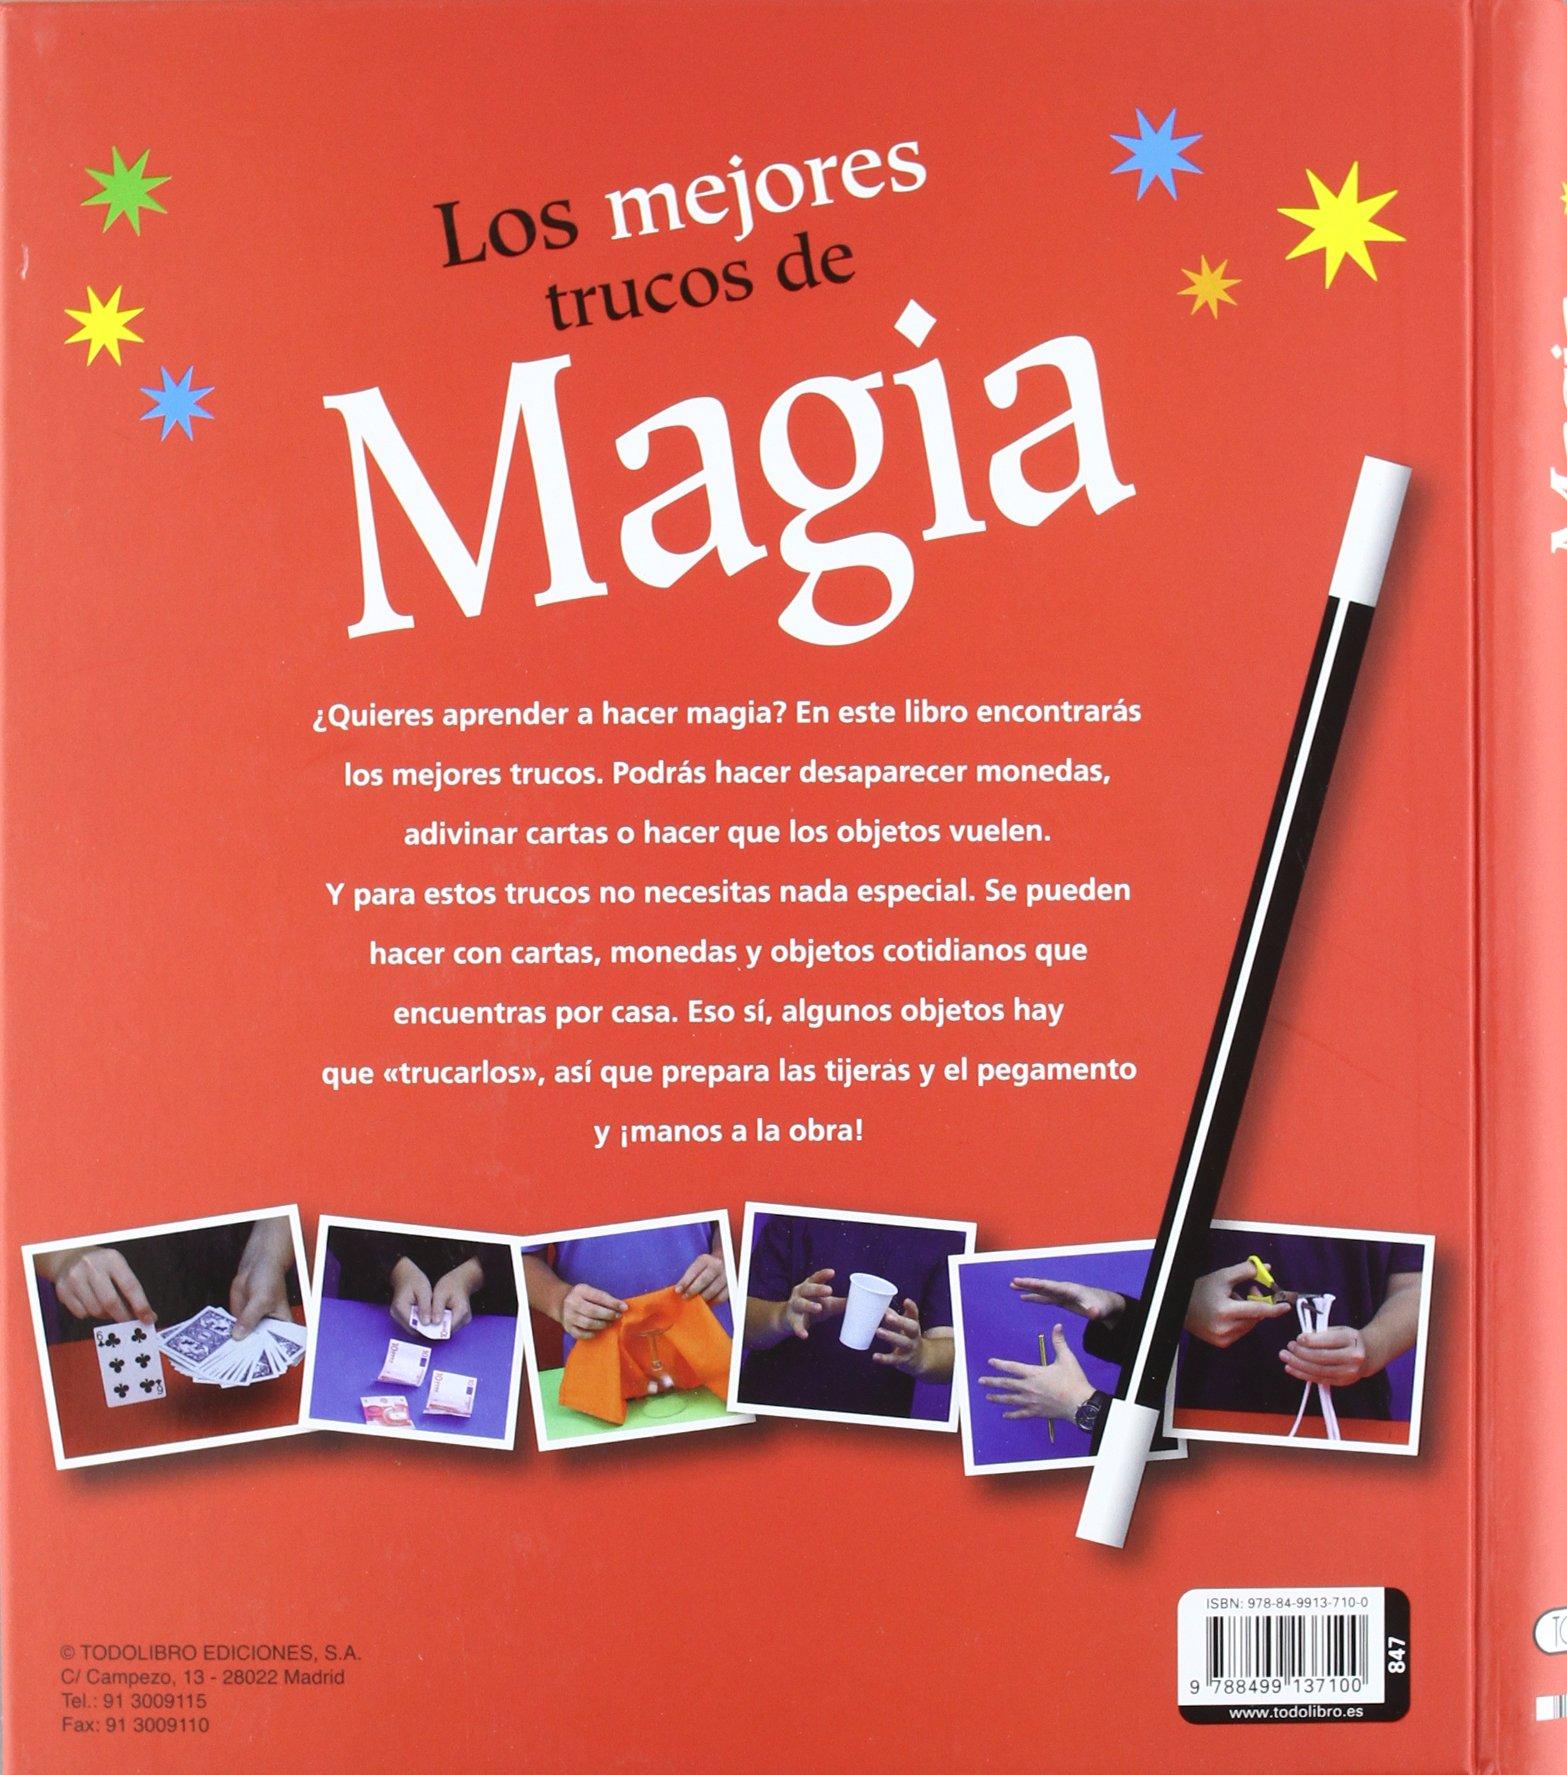 Los mejores trucos de magia (Spanish Edition): Inc. Susaeta ...